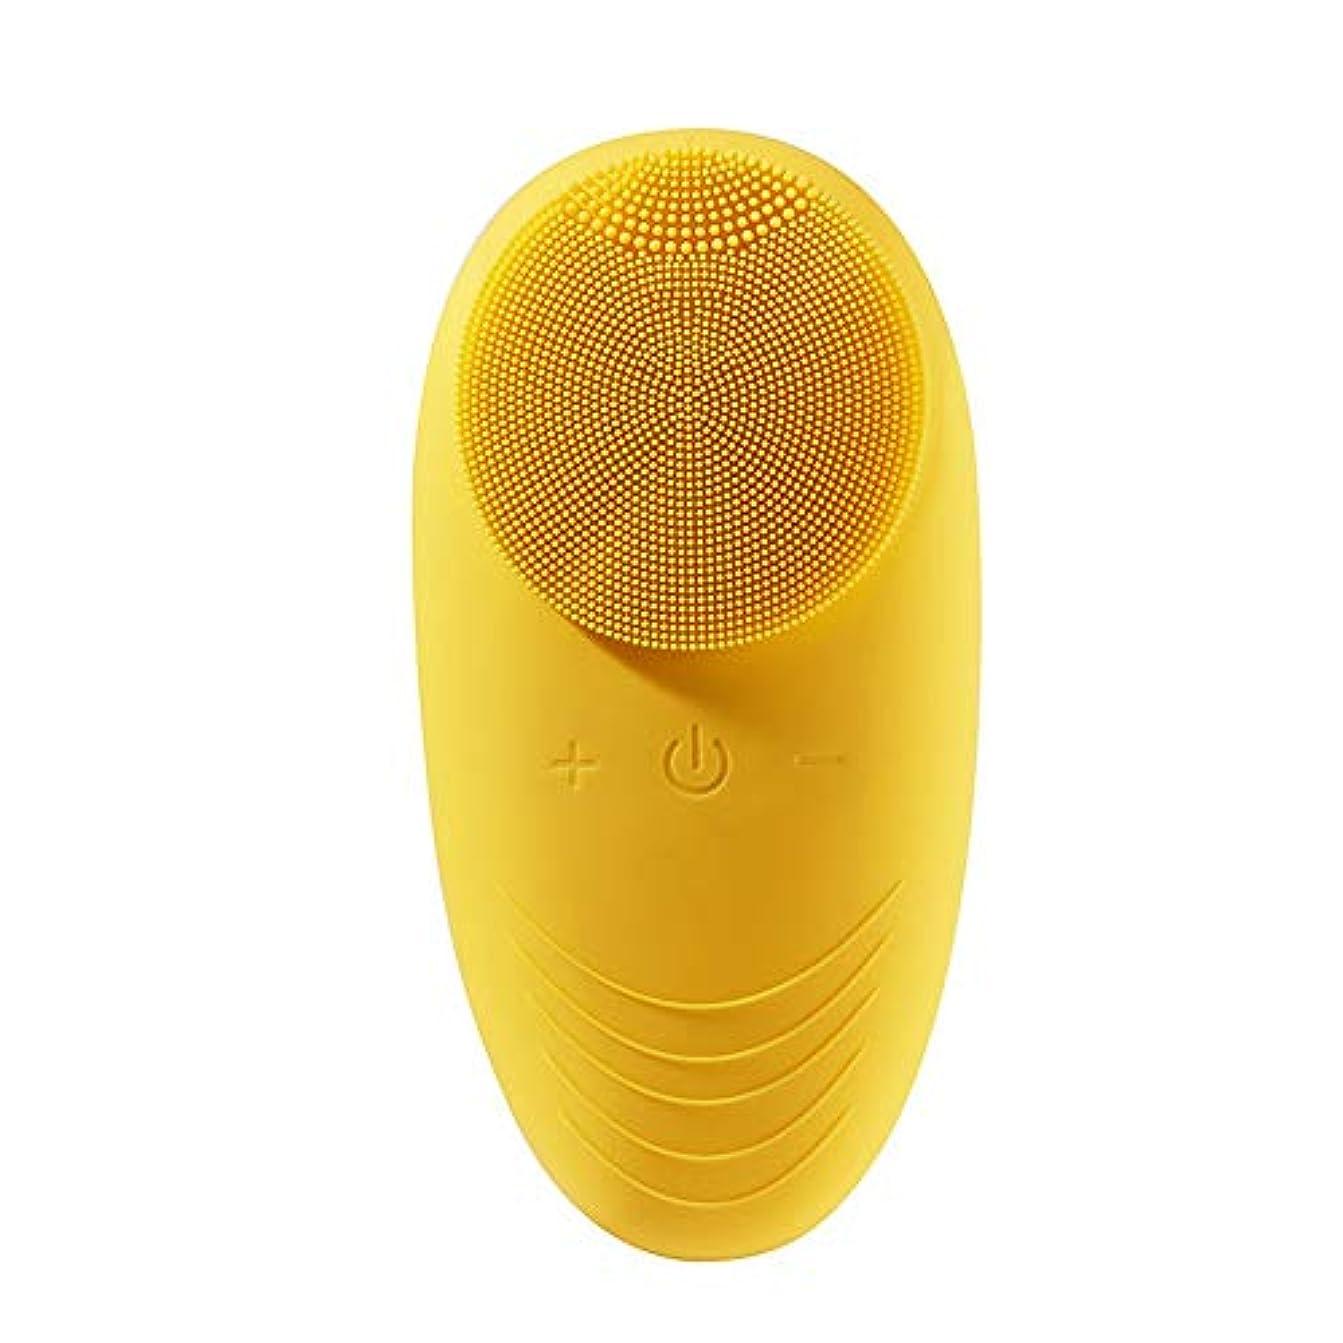 セラフ子羊ヘルメットZXF 電気シリコーン防水クレンジングブラシディープクリーニングポア超音波振動クレンジング器具美容器具 滑らかである (色 : Yellow)